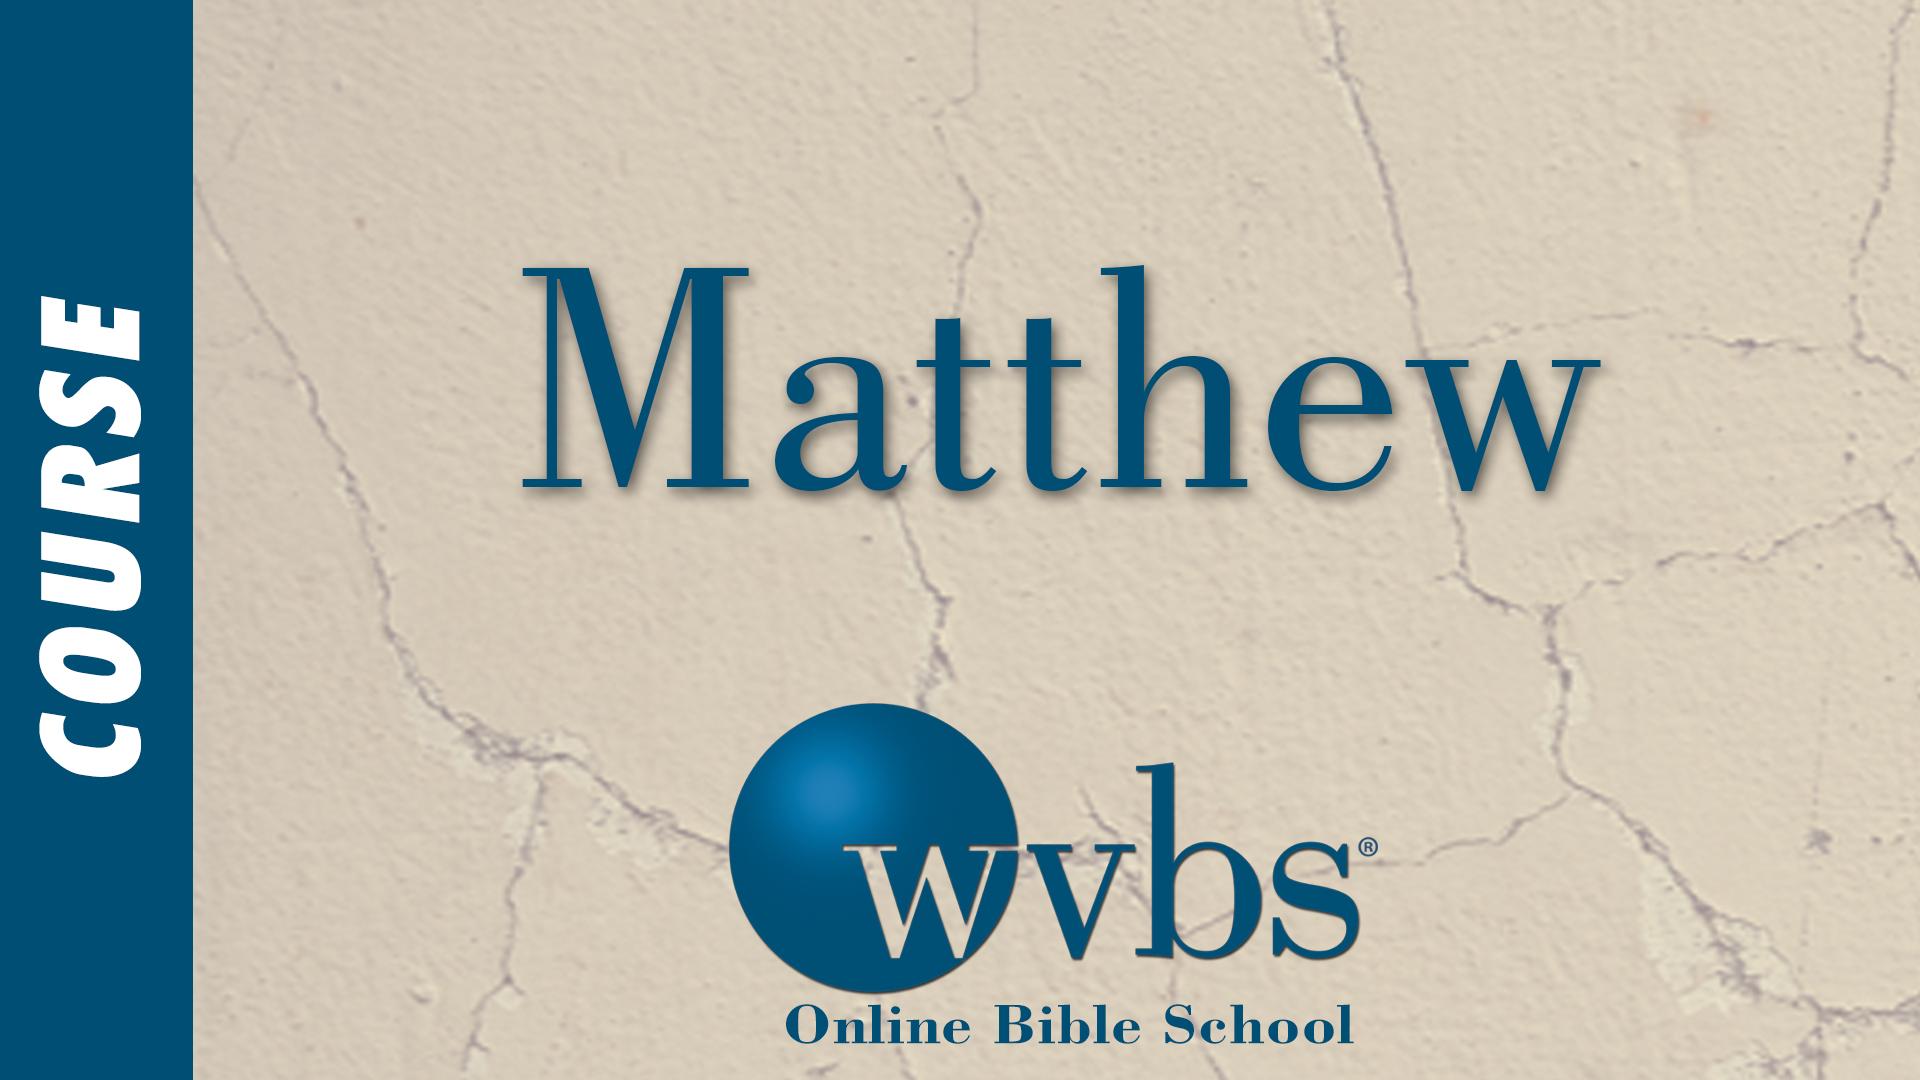 Matthew (Online Bible School)